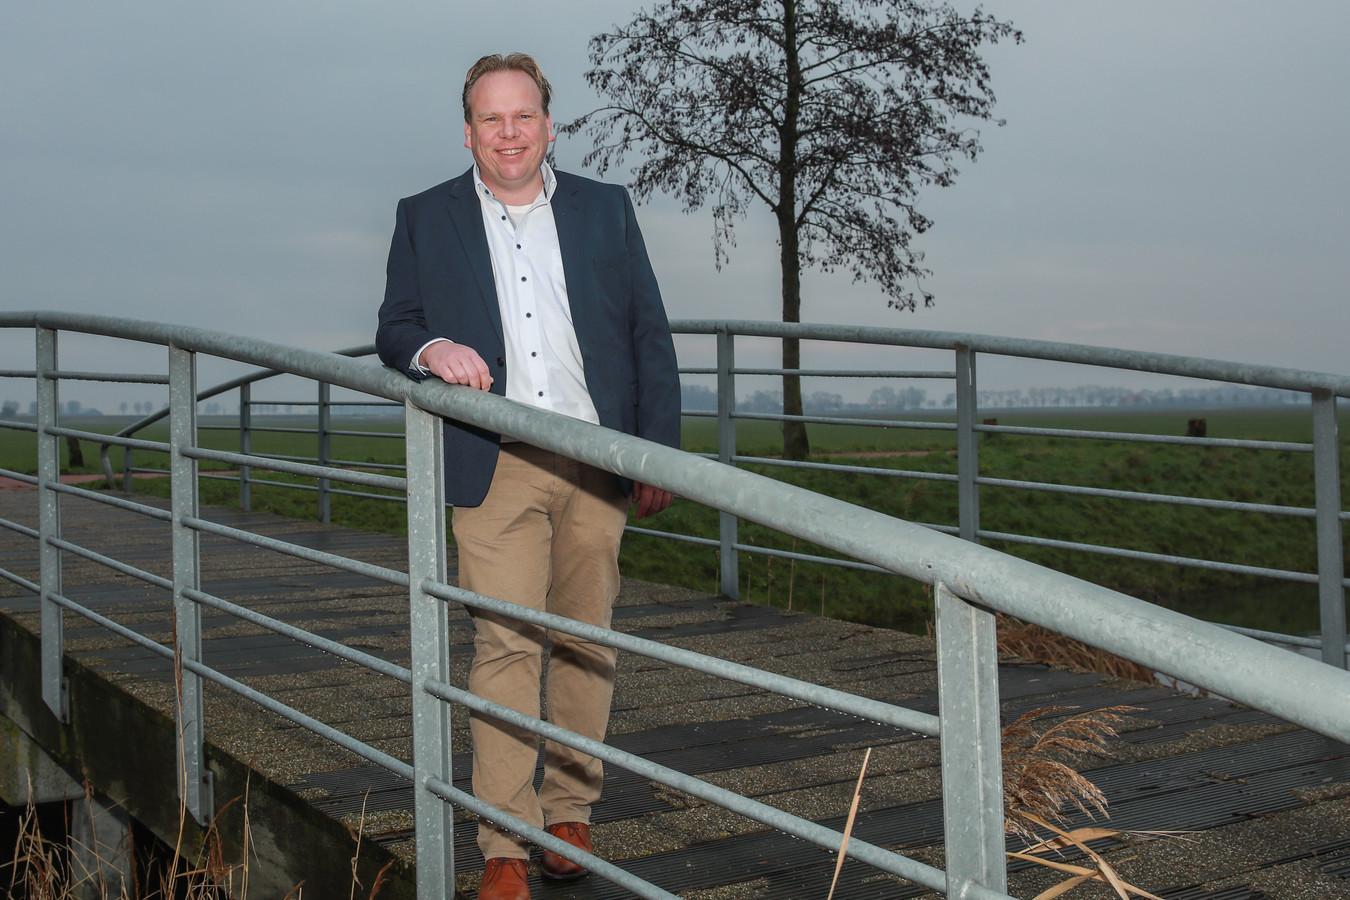 Thomas Zwiers uit Zevenbergen is de nieuwe voorzitter van Waterpoort, een toeristisch-recreatief samenwerkingsverband van overheden rond het Volkerak-Zoommeer.